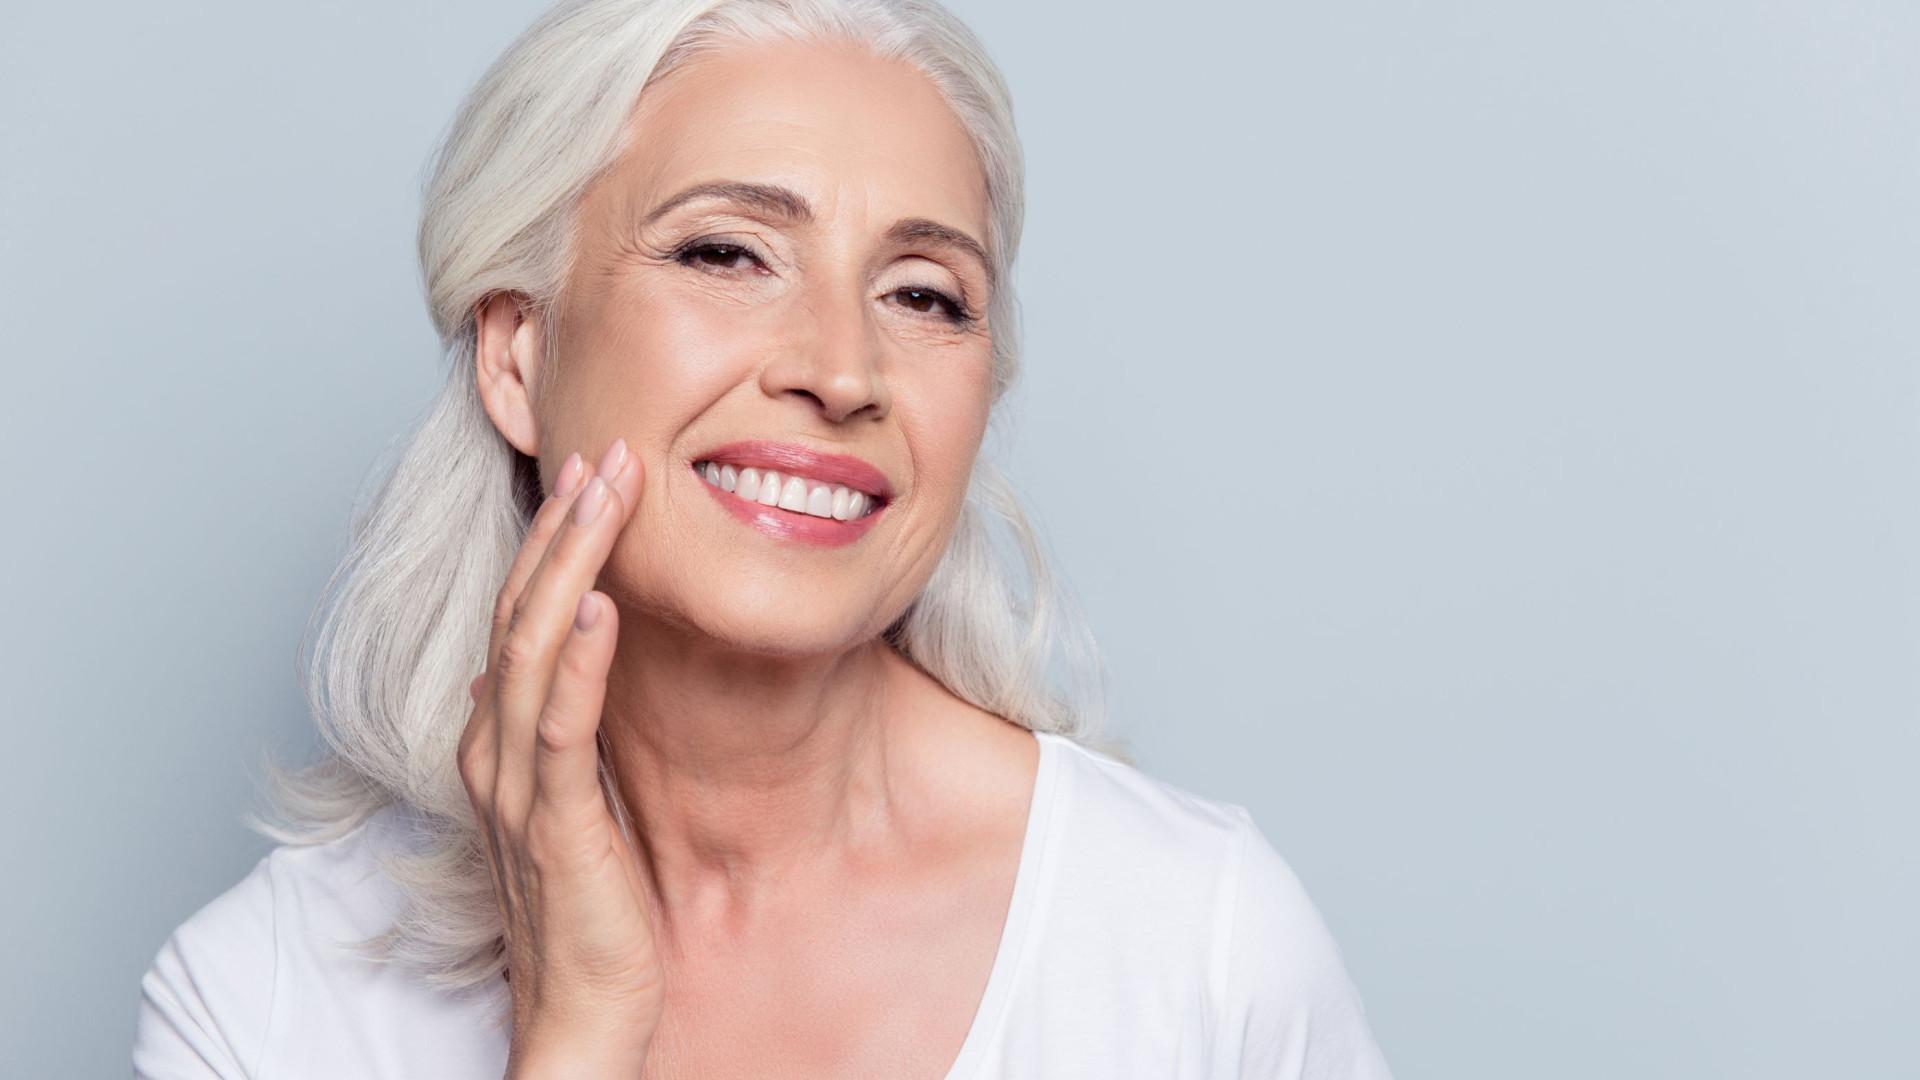 Ciência avança com testes em medicação contra envelhecimento natural